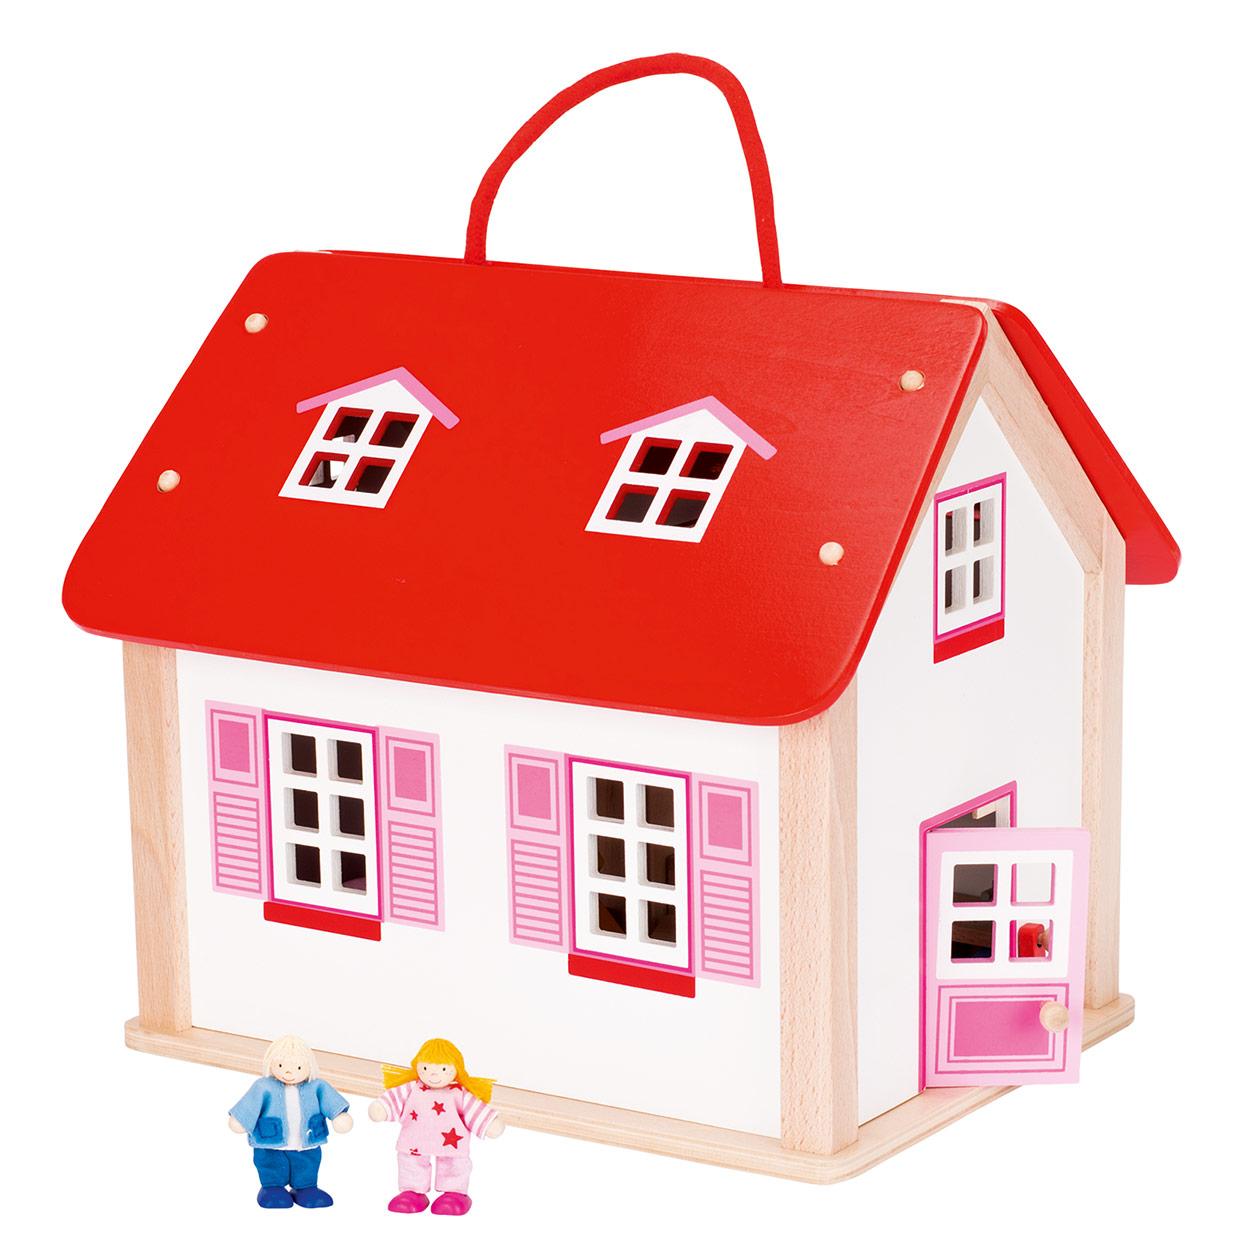 Houten poppenhuis voor peuter